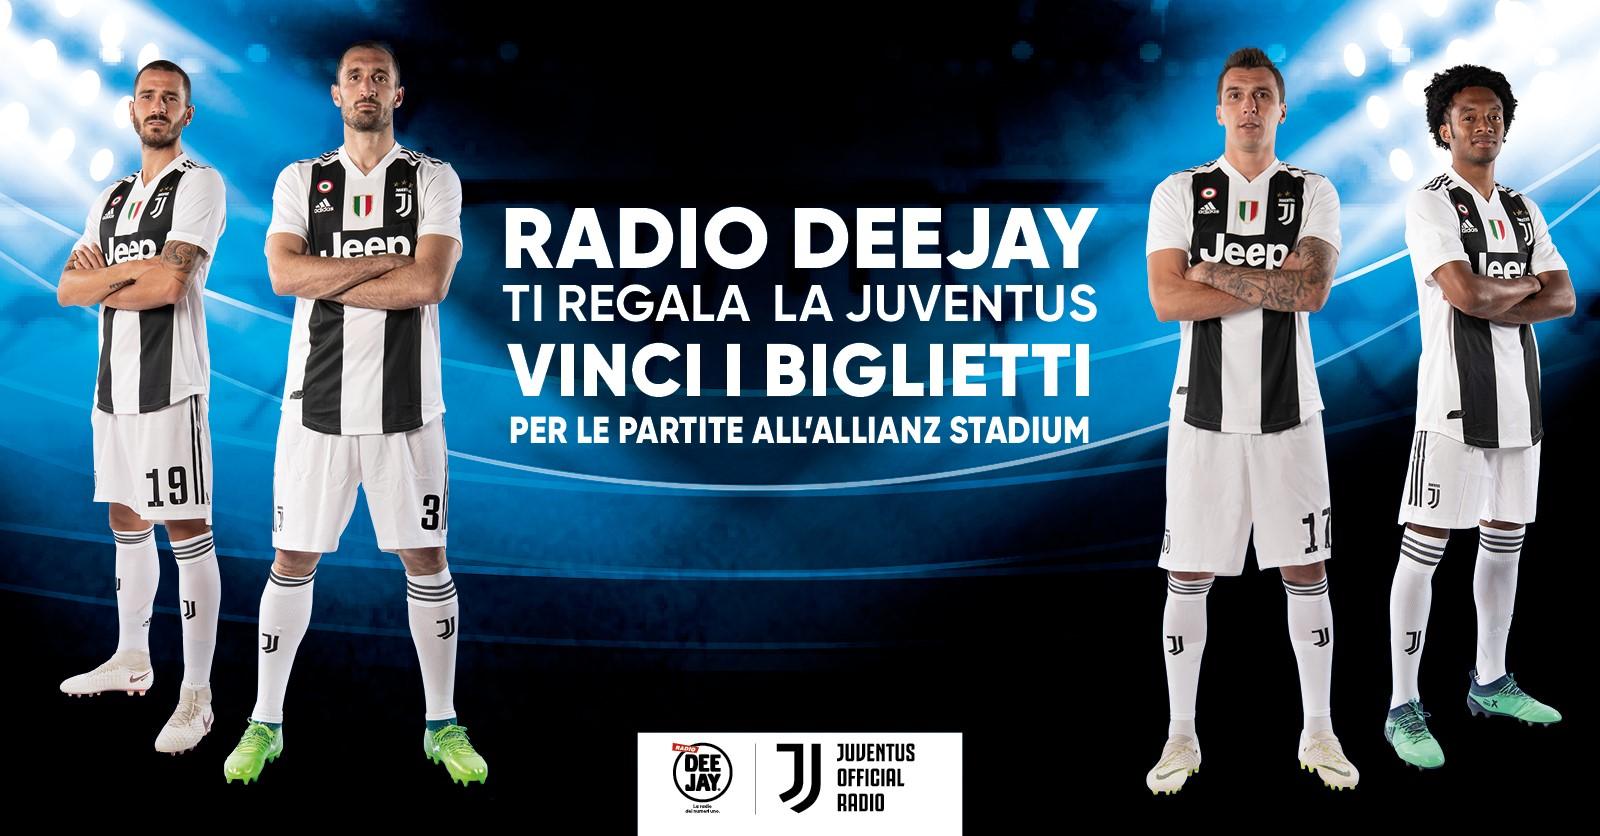 Gioca con Deejay e vinci i biglietti per le partite della Juventus